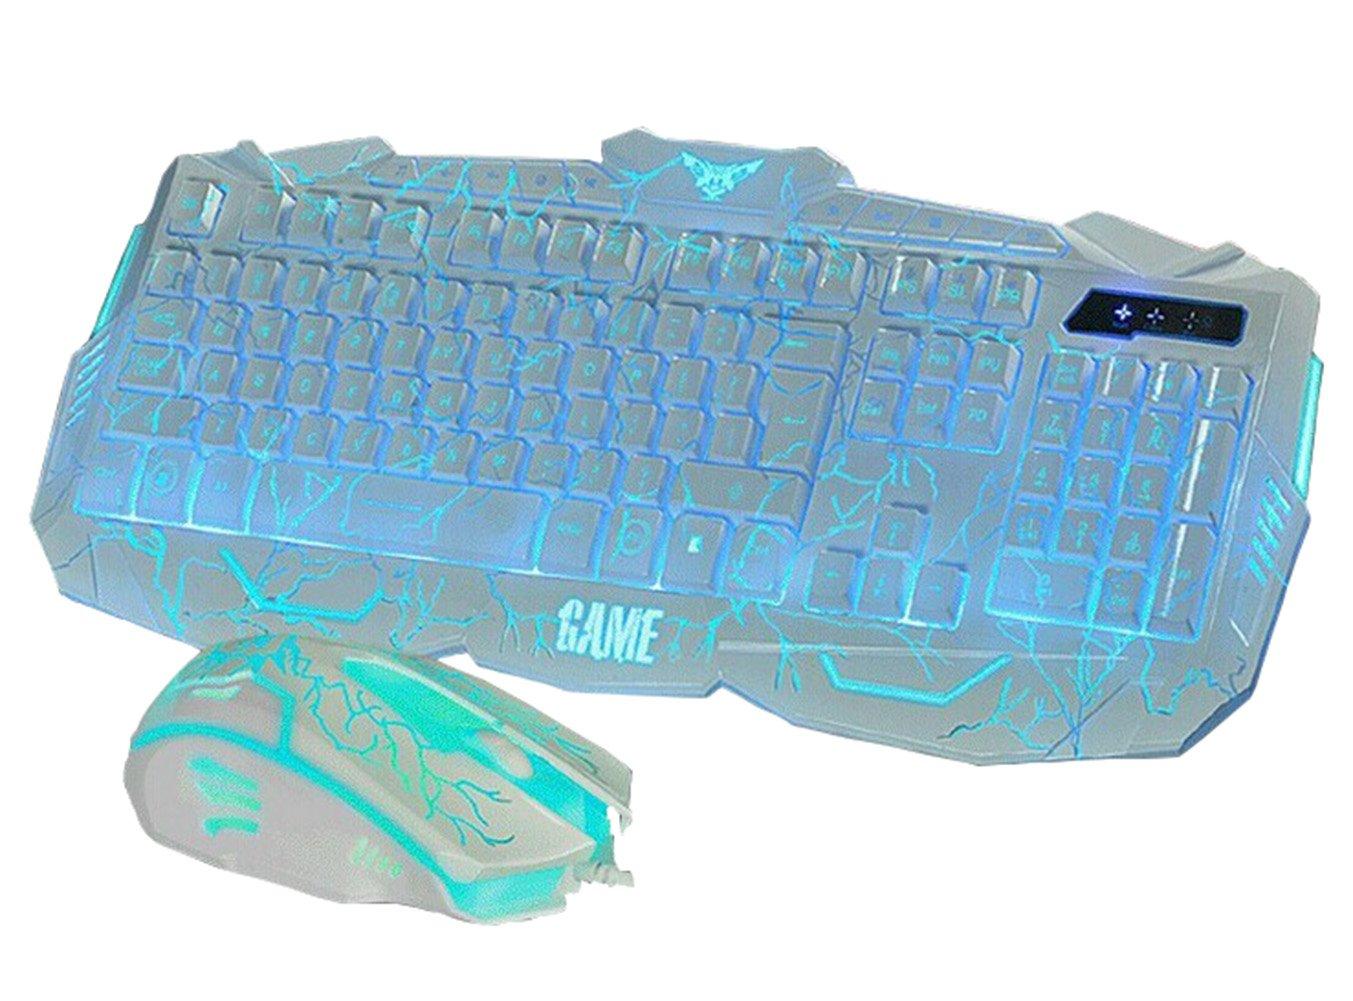 Drasawee Wired Illuminated LED Backlit Ergonomic Gaming Keyboard and ...